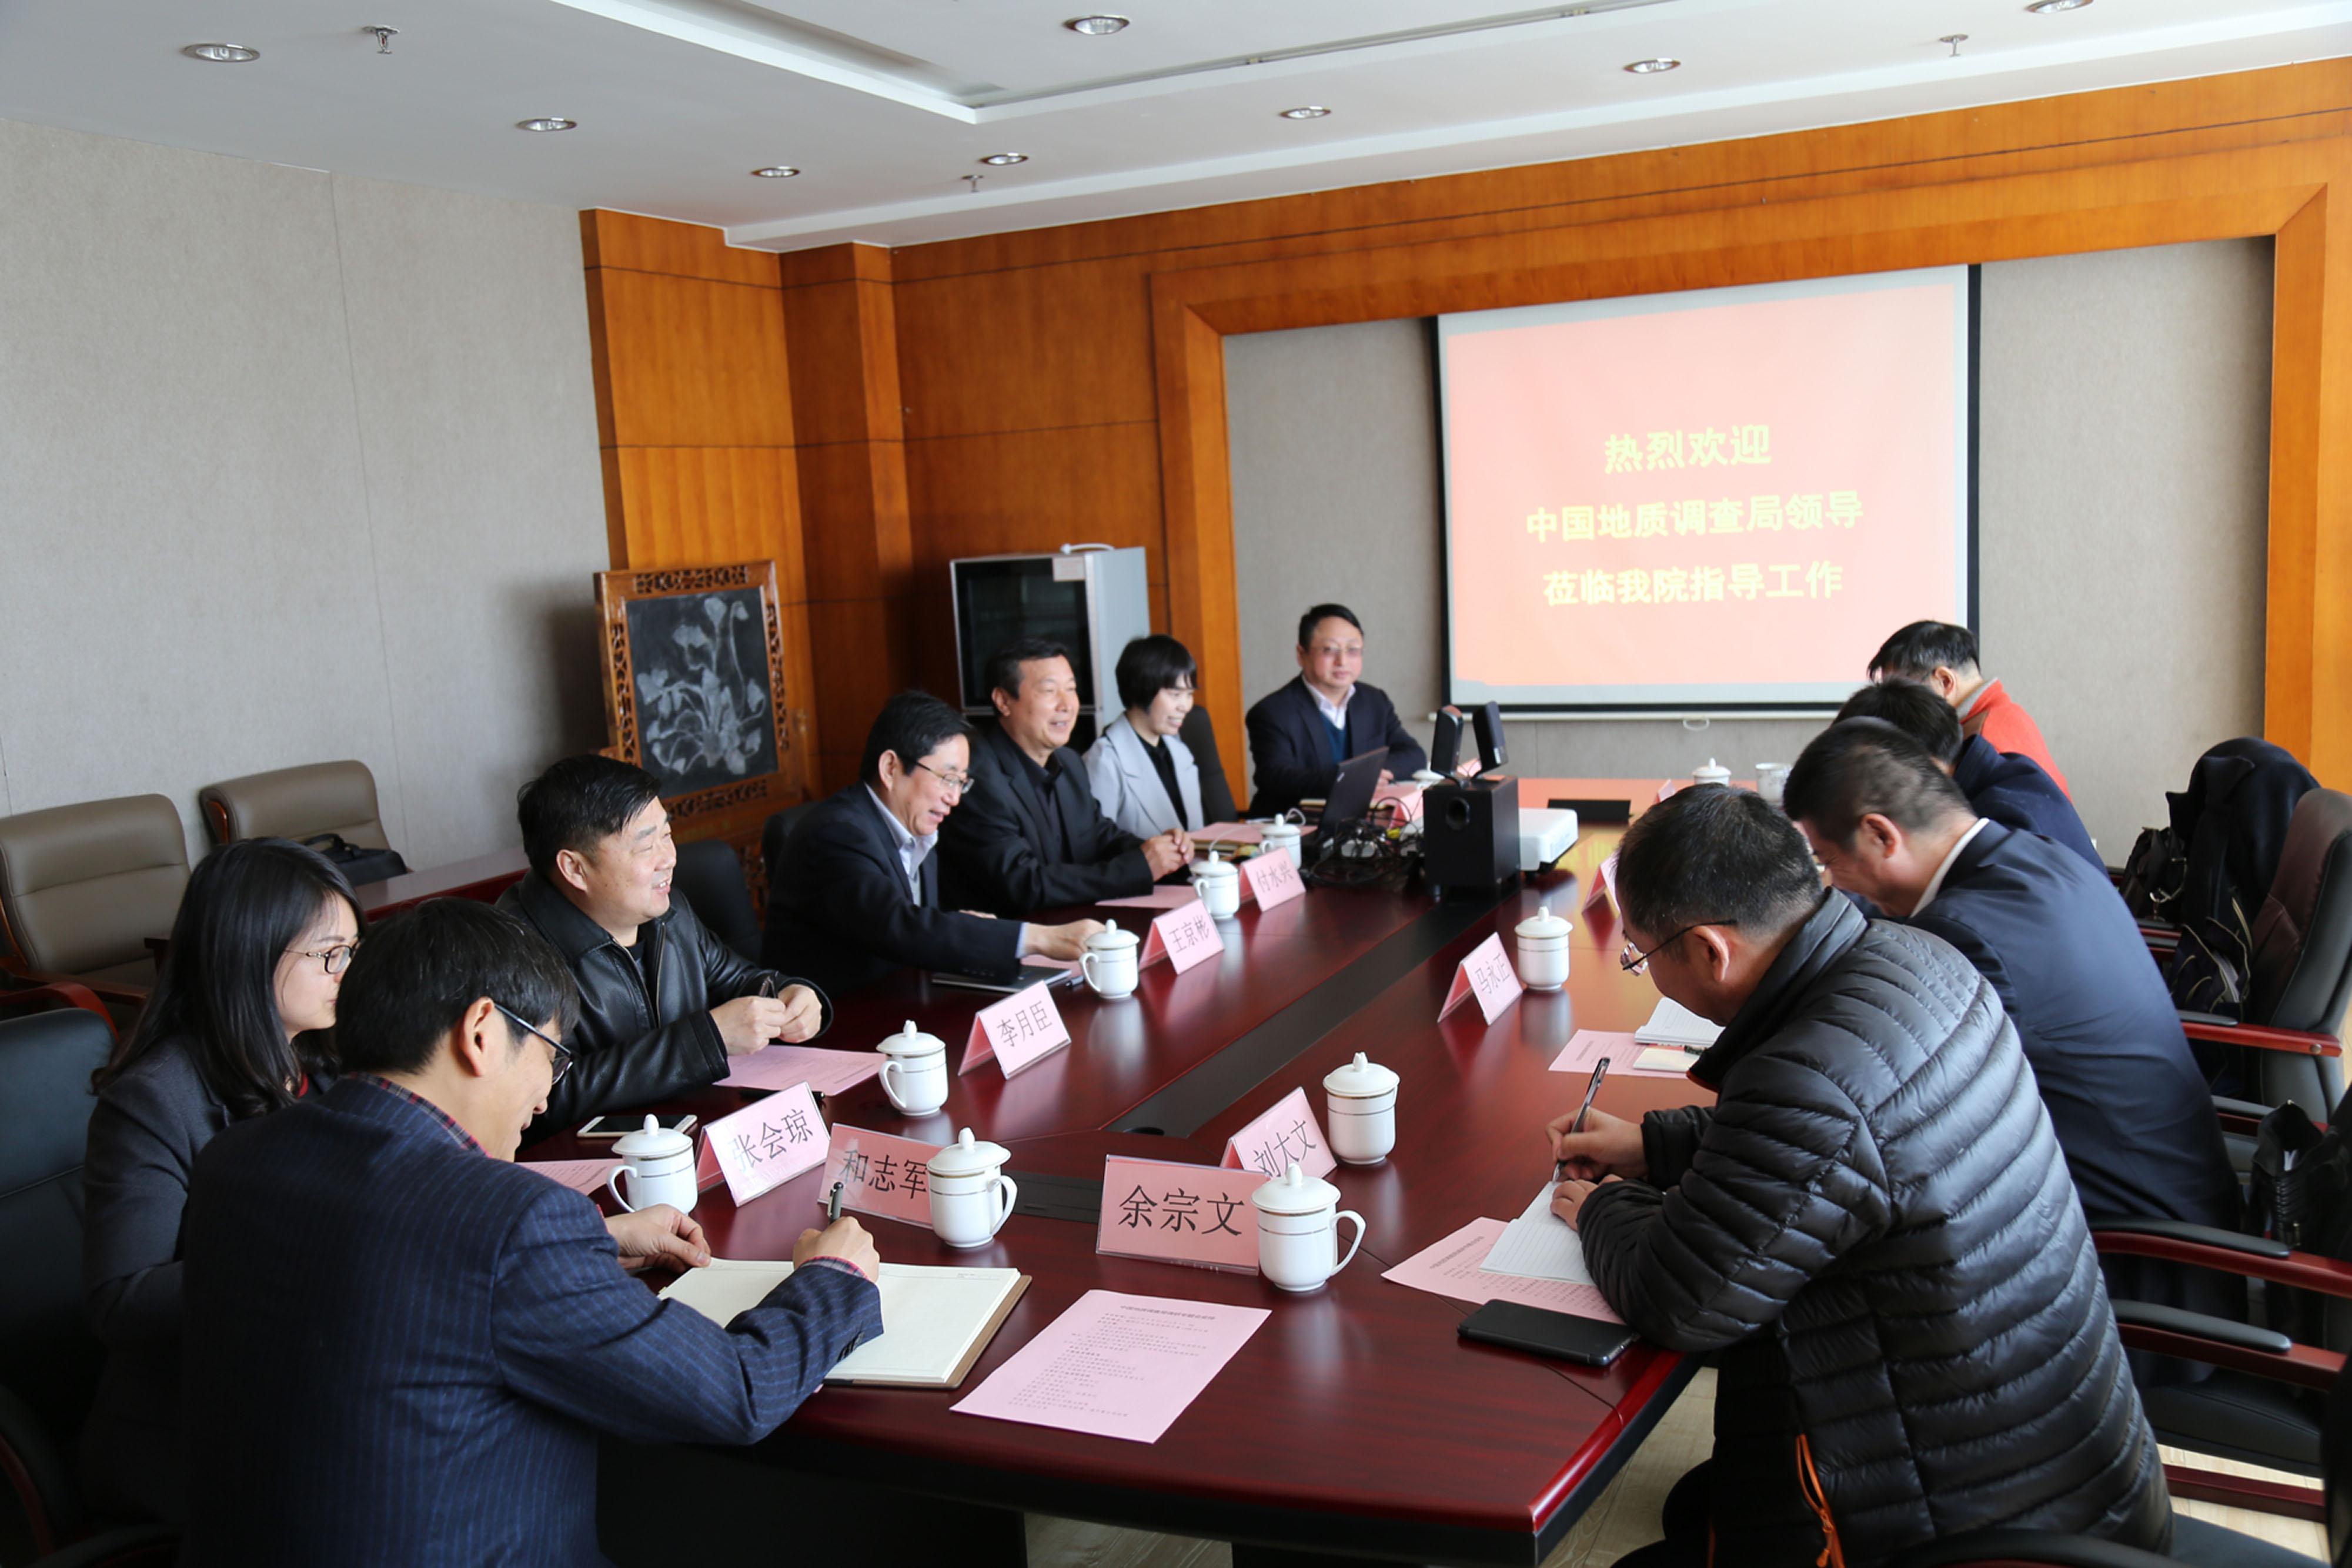 中国地质调查局科外部马永正副主任一行到奥门永利误乐域调研